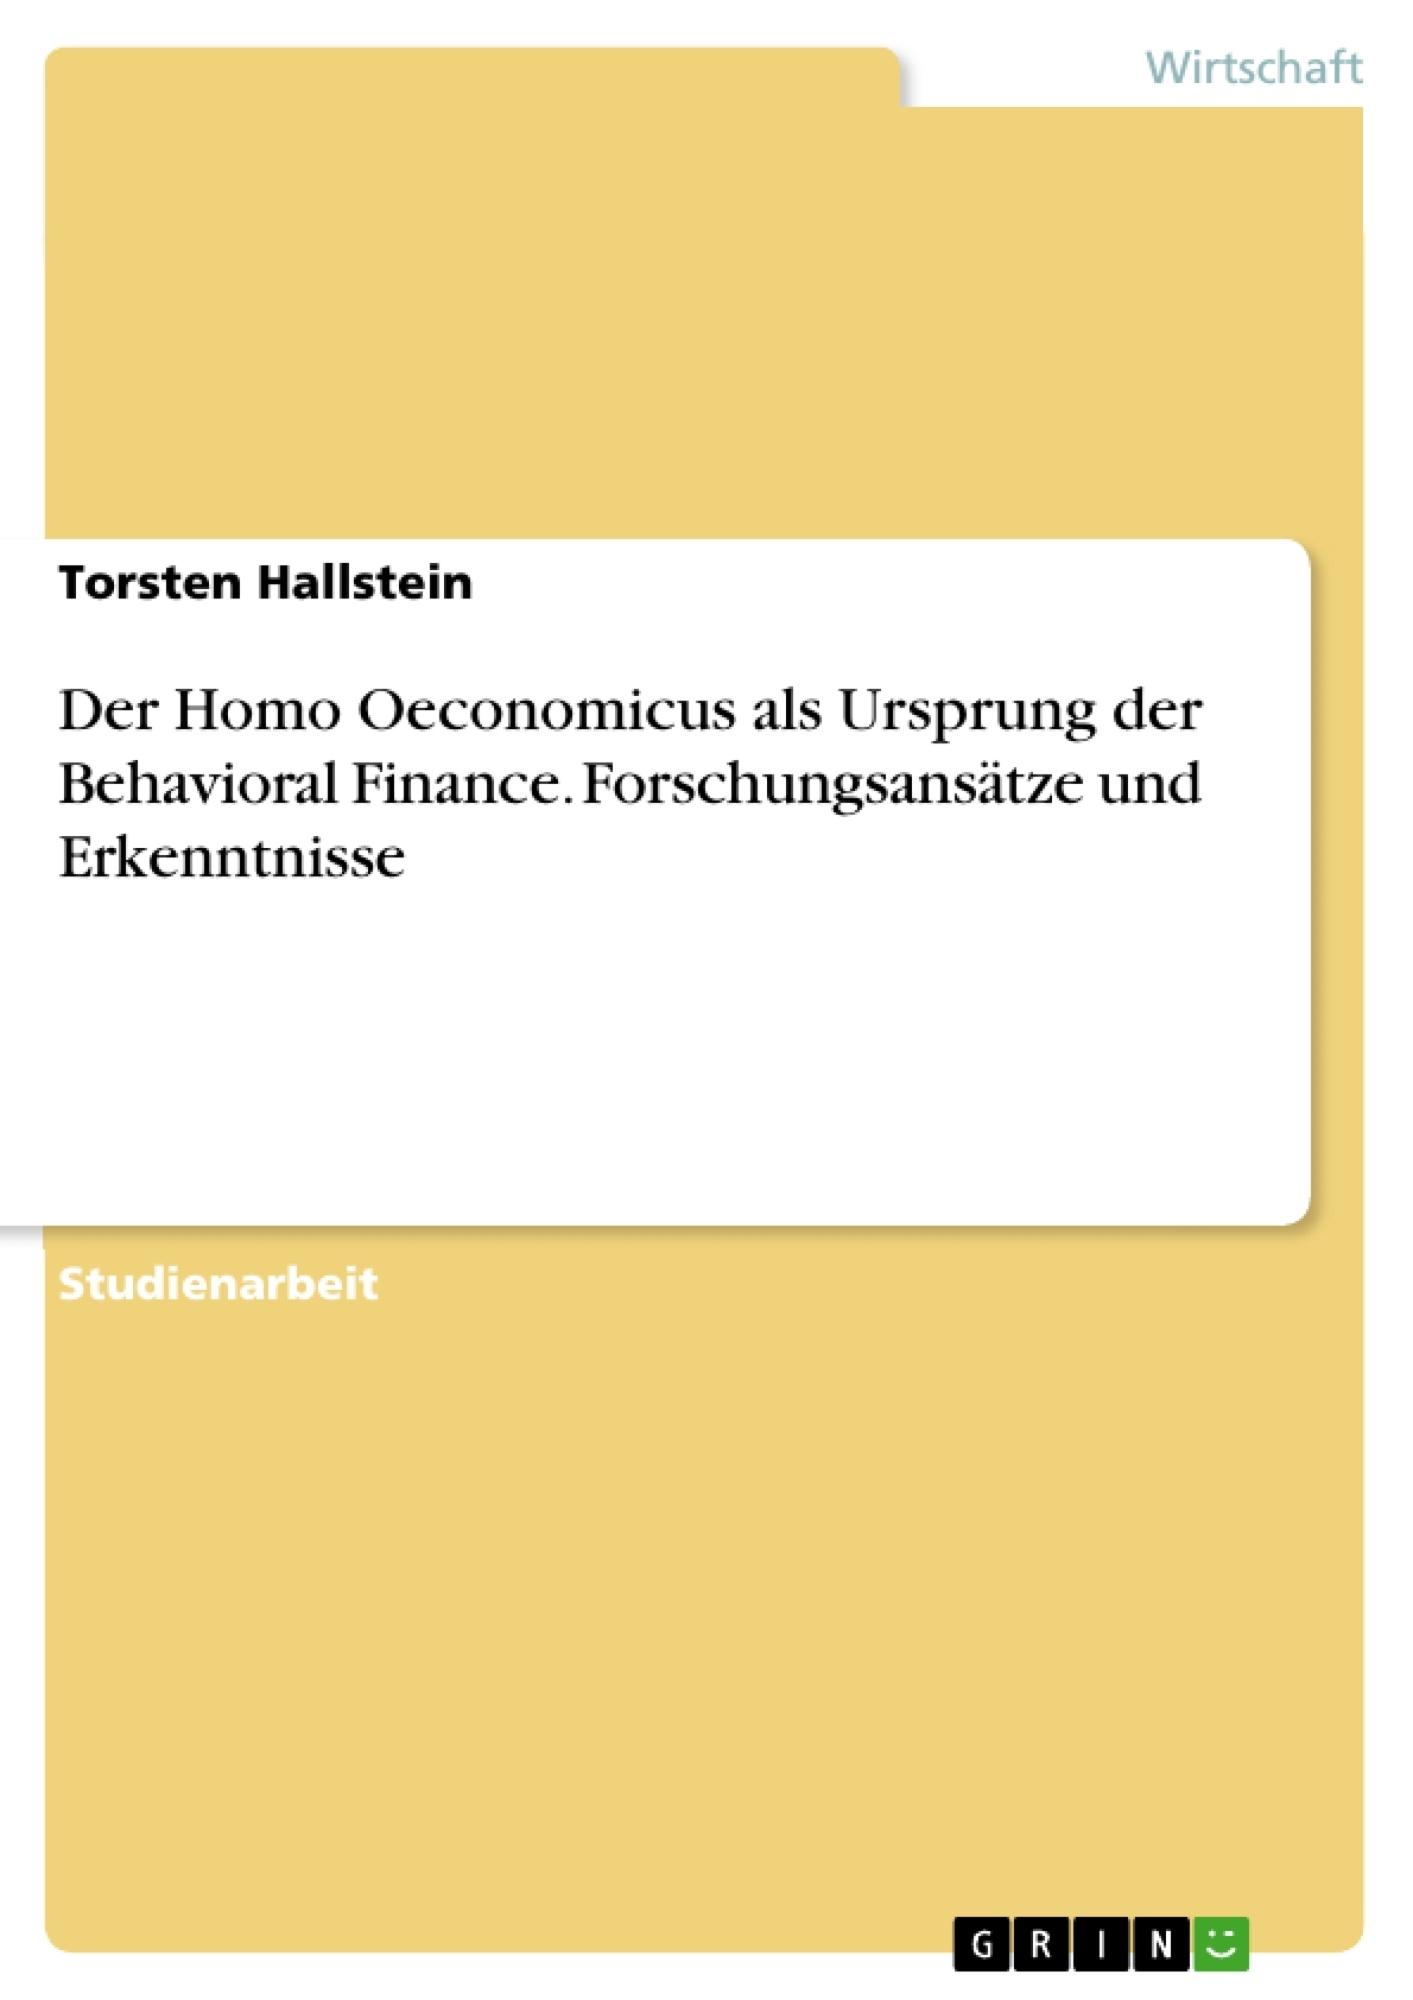 Titel: Der Homo Oeconomicus als Ursprung der Behavioral Finance. Forschungsansätze und Erkenntnisse